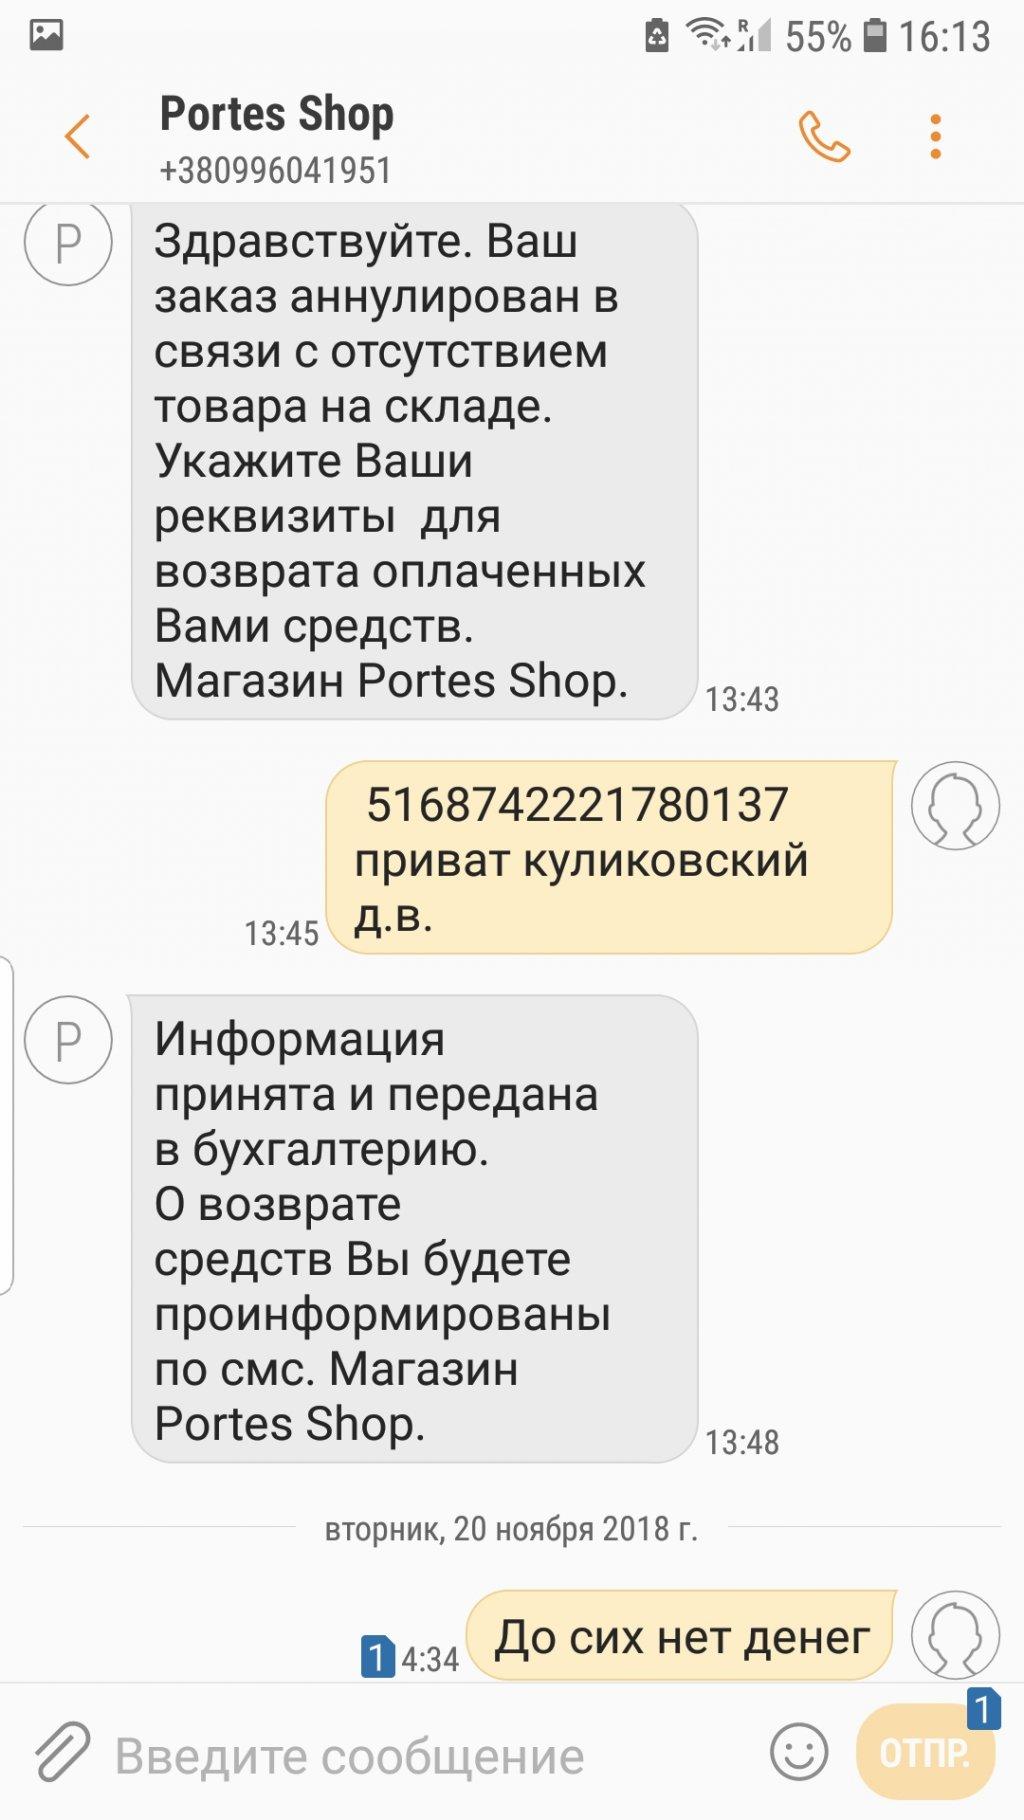 portes-shop.biz.ua интернет-магазин - Жду деньги